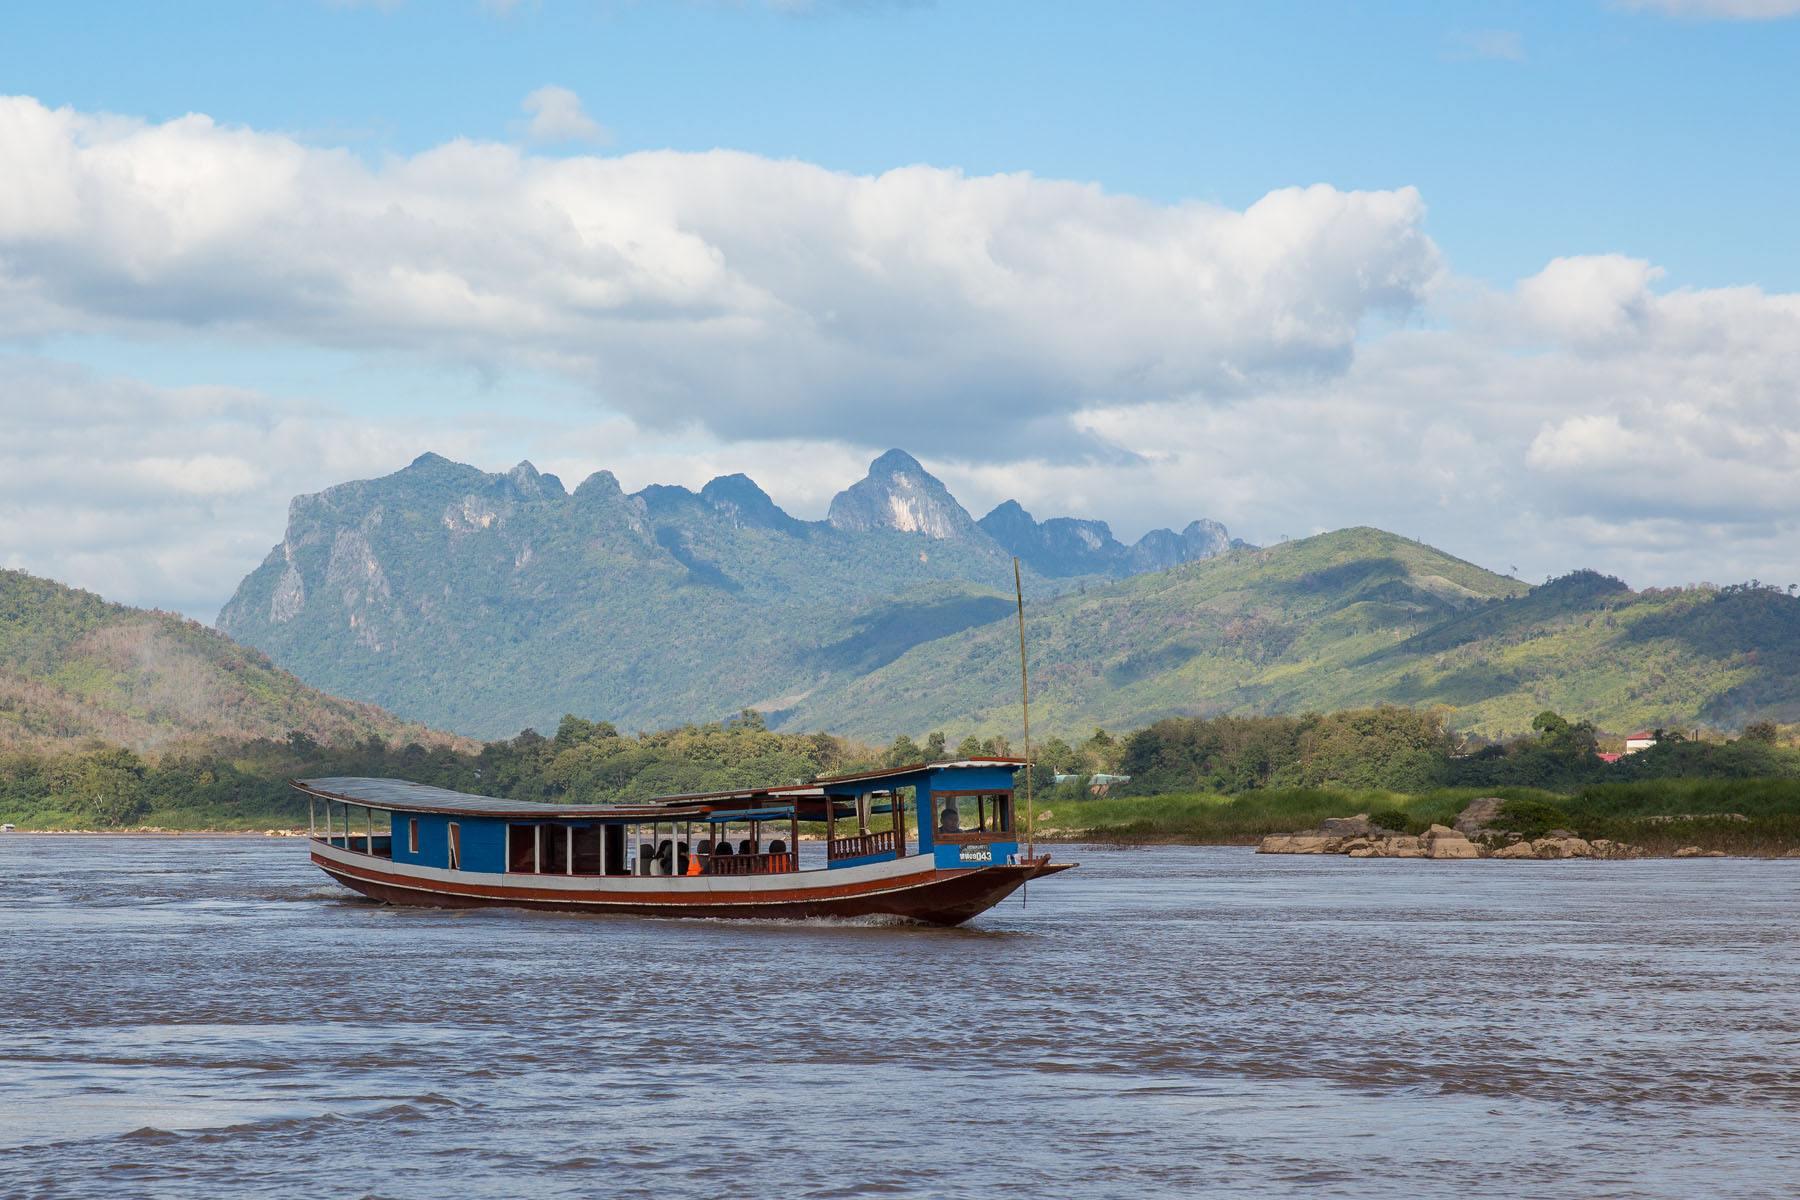 Slow Boat from Huay Xai to Luang Prabang - Arimo Travels